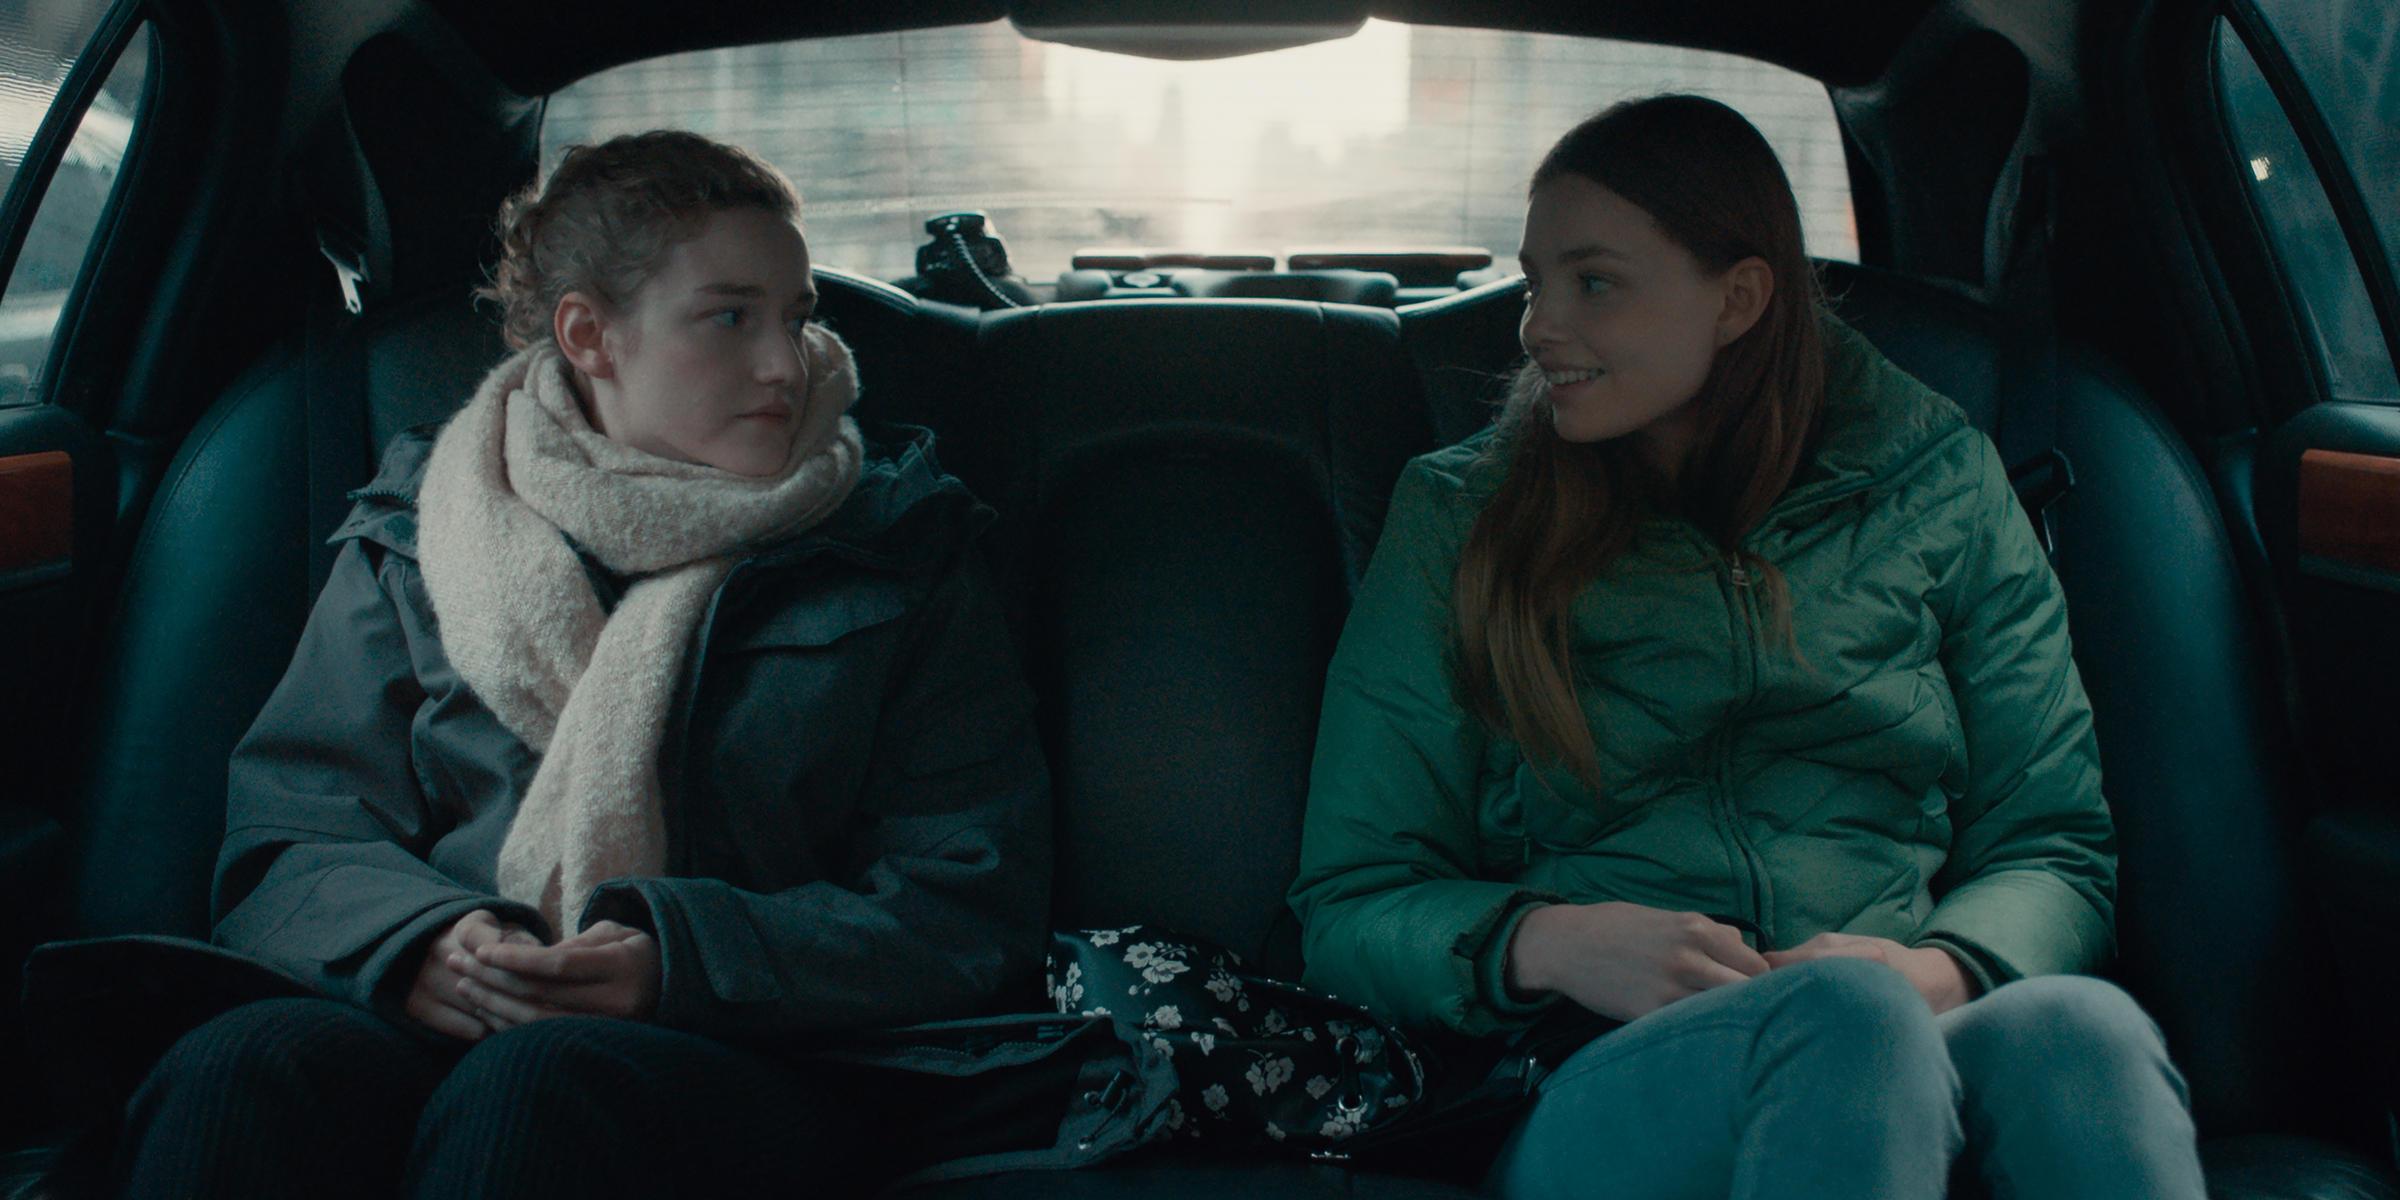 A imagem é uma cena do filme A Assistente. Nela, está a atriz Julia Garner, que interpreta a personagem Jane, e a atriz Kristine Froseth, que interpreta Sienna. Ambas estão sentadas no banco de trás de um carro, uma olhando para a outra. Jane é uma mulher branca, de olhos azuis, cabelos loiros e amarrados em um coque, ela veste um casaco cinza, um cachecol bege e calça preta. Sienna é uma mulher branca, de olhos azuis e cabelos castanhos claros, longos e lisos, ela veste um agasalho verde e uma calça jeans clara.